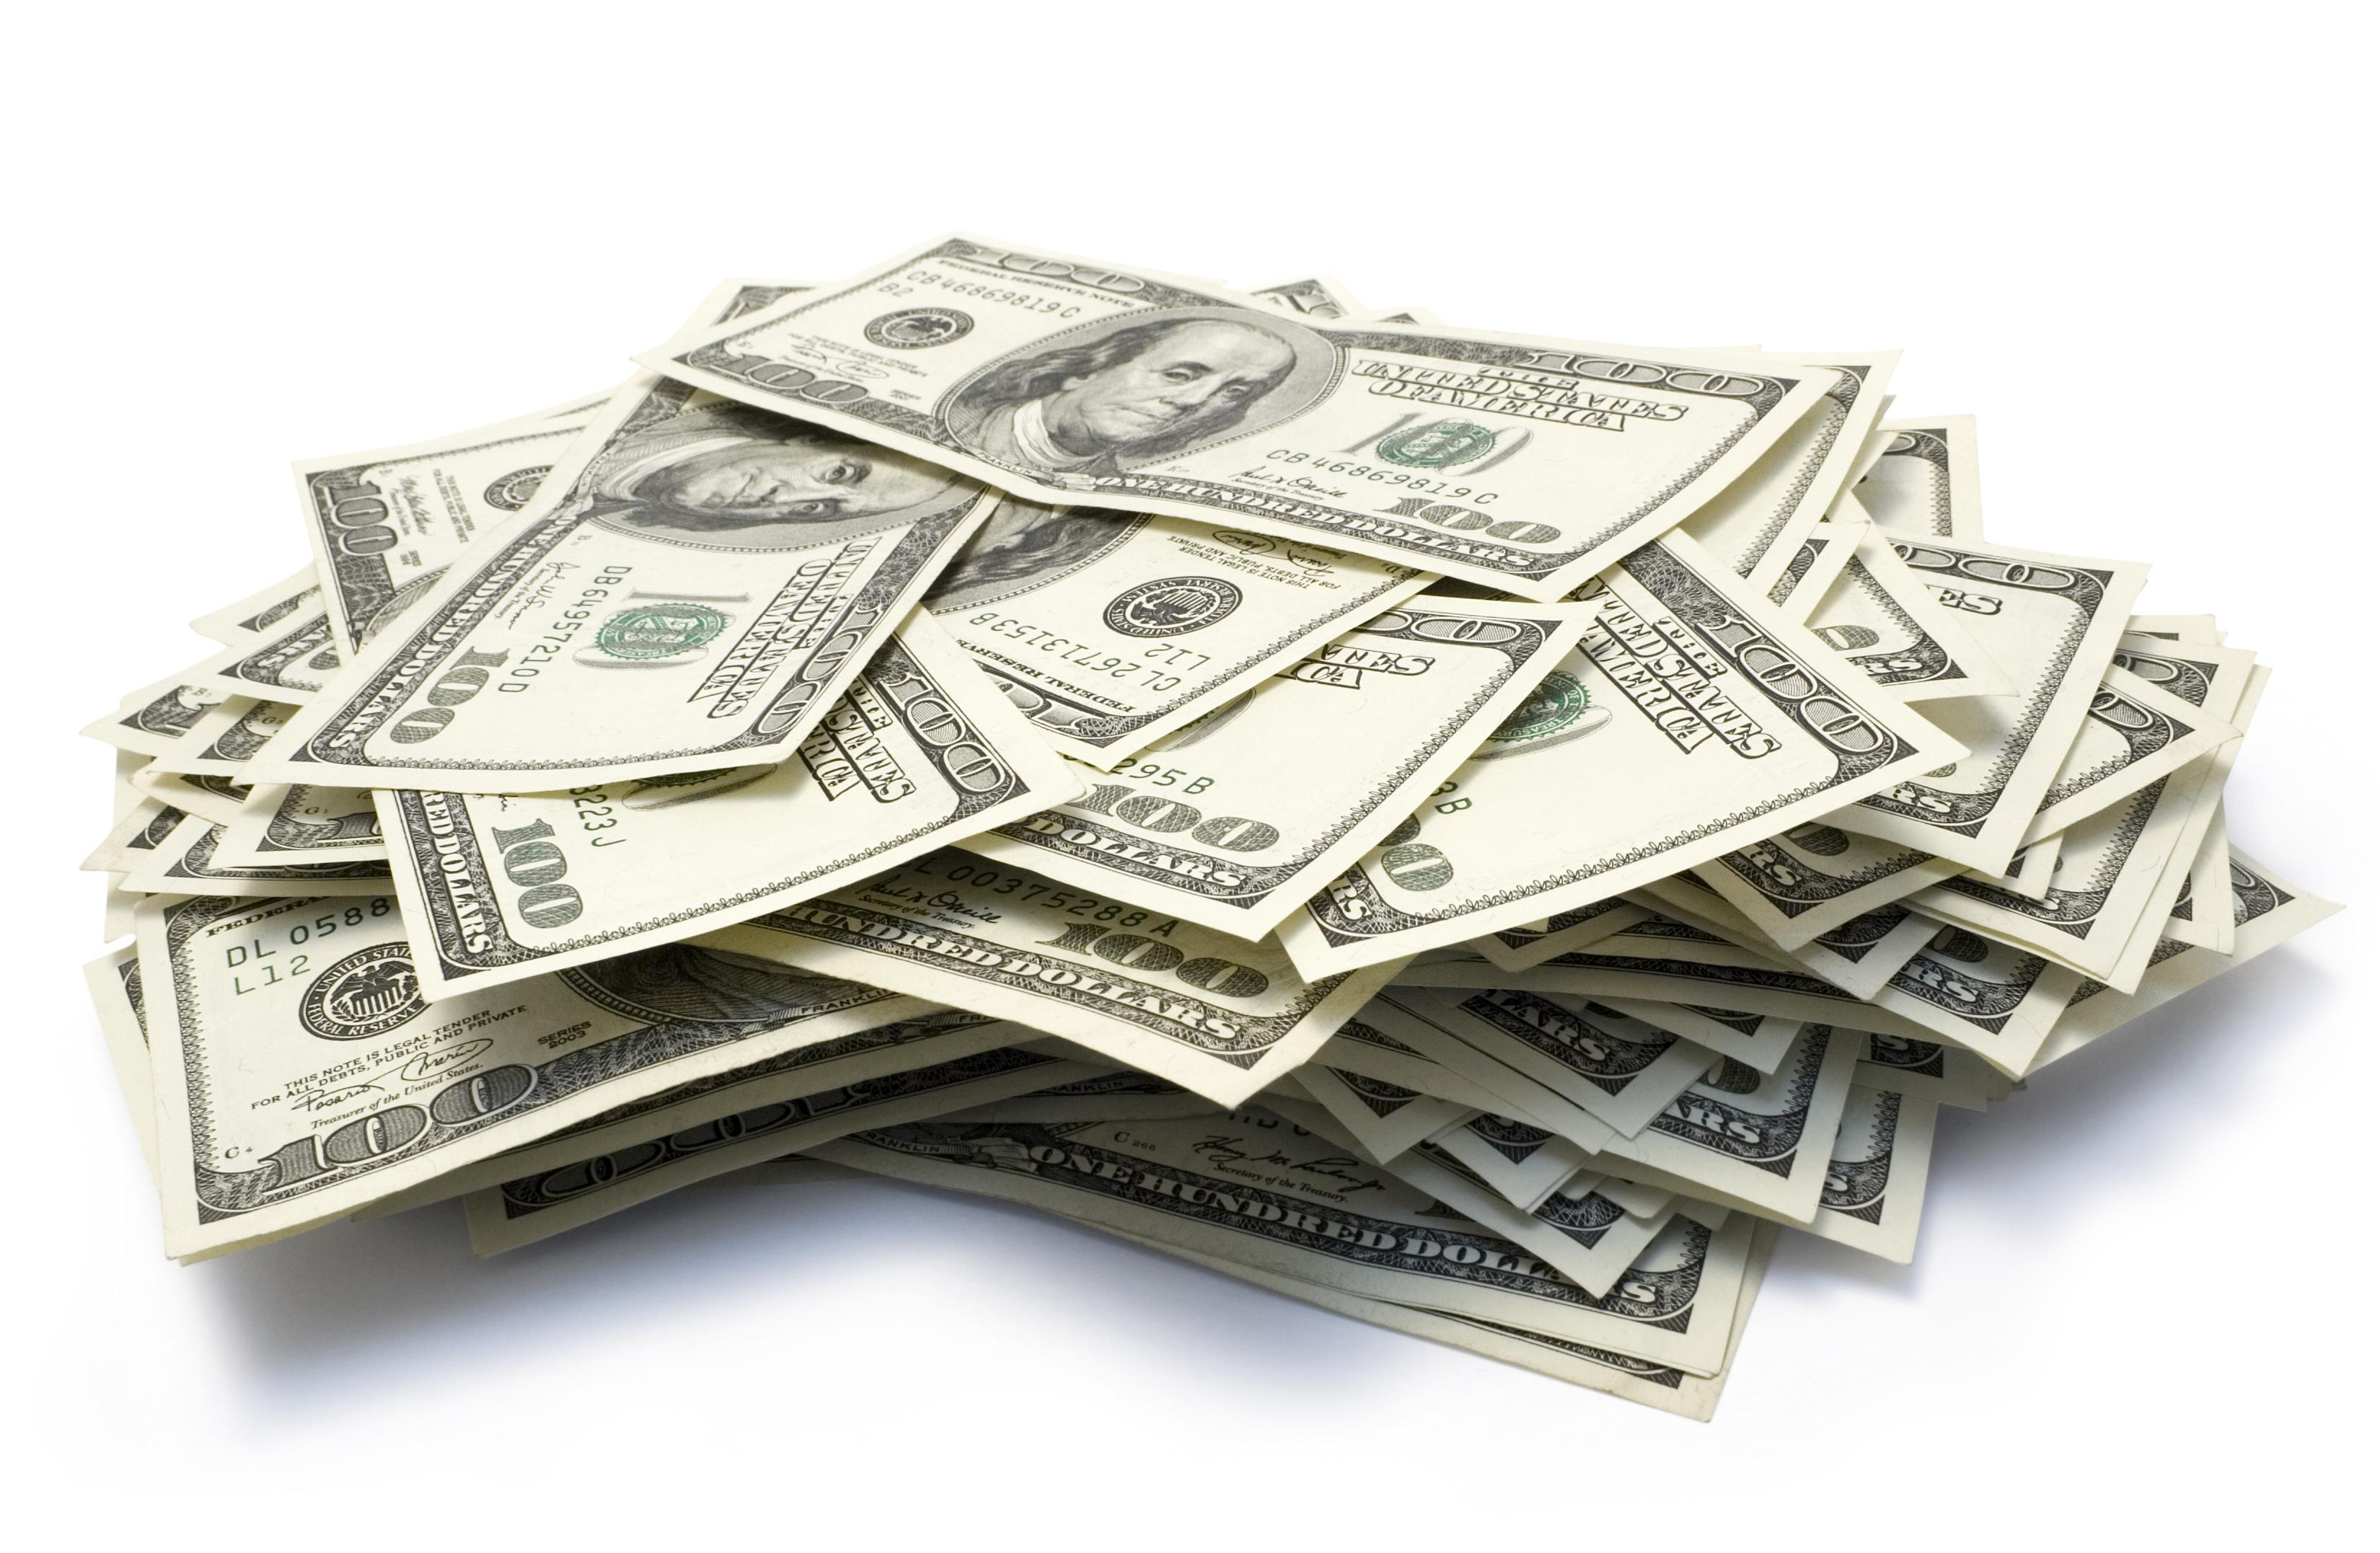 Cash clipart pile money, Cash pile money Transparent FREE ...